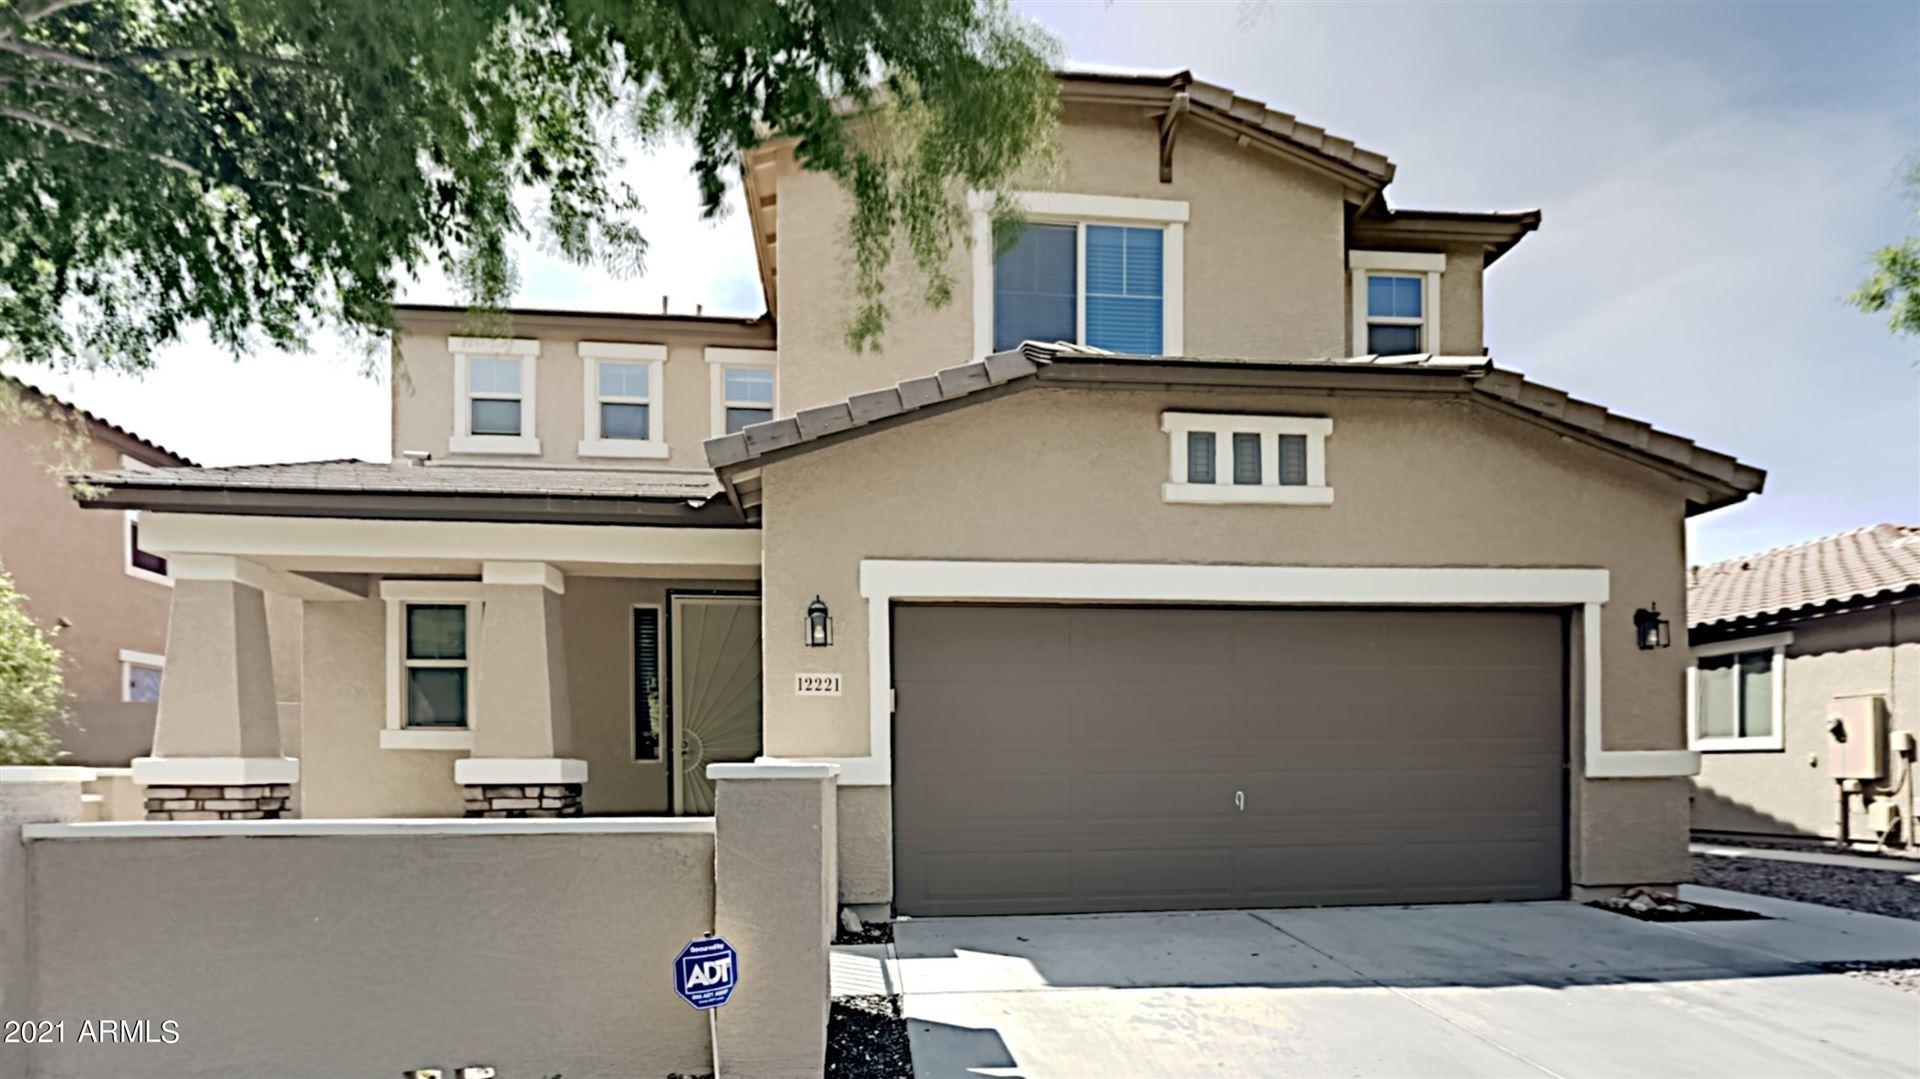 12221 W CHASE Lane, Avondale, AZ 85323 - MLS#: 6223184